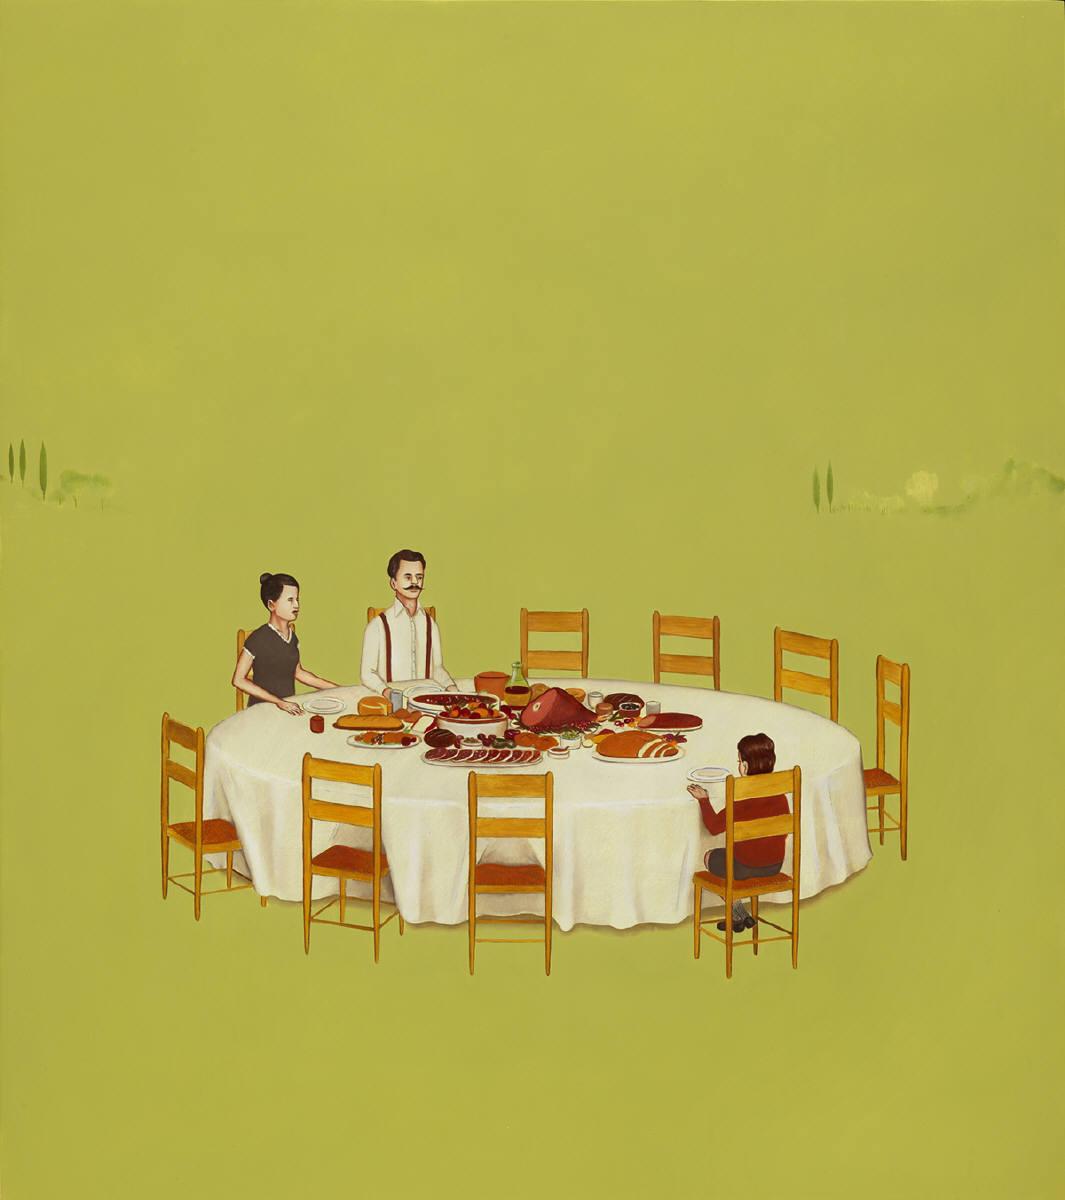 http://4.bp.blogspot.com/_1-_JcSari8Q/TUiTttYQxYI/AAAAAAAAA2Y/kIe70bRgIuA/s1600/Edward_del_Rosario_Untitled_Family_Dinner_2008_1239_97.jpg